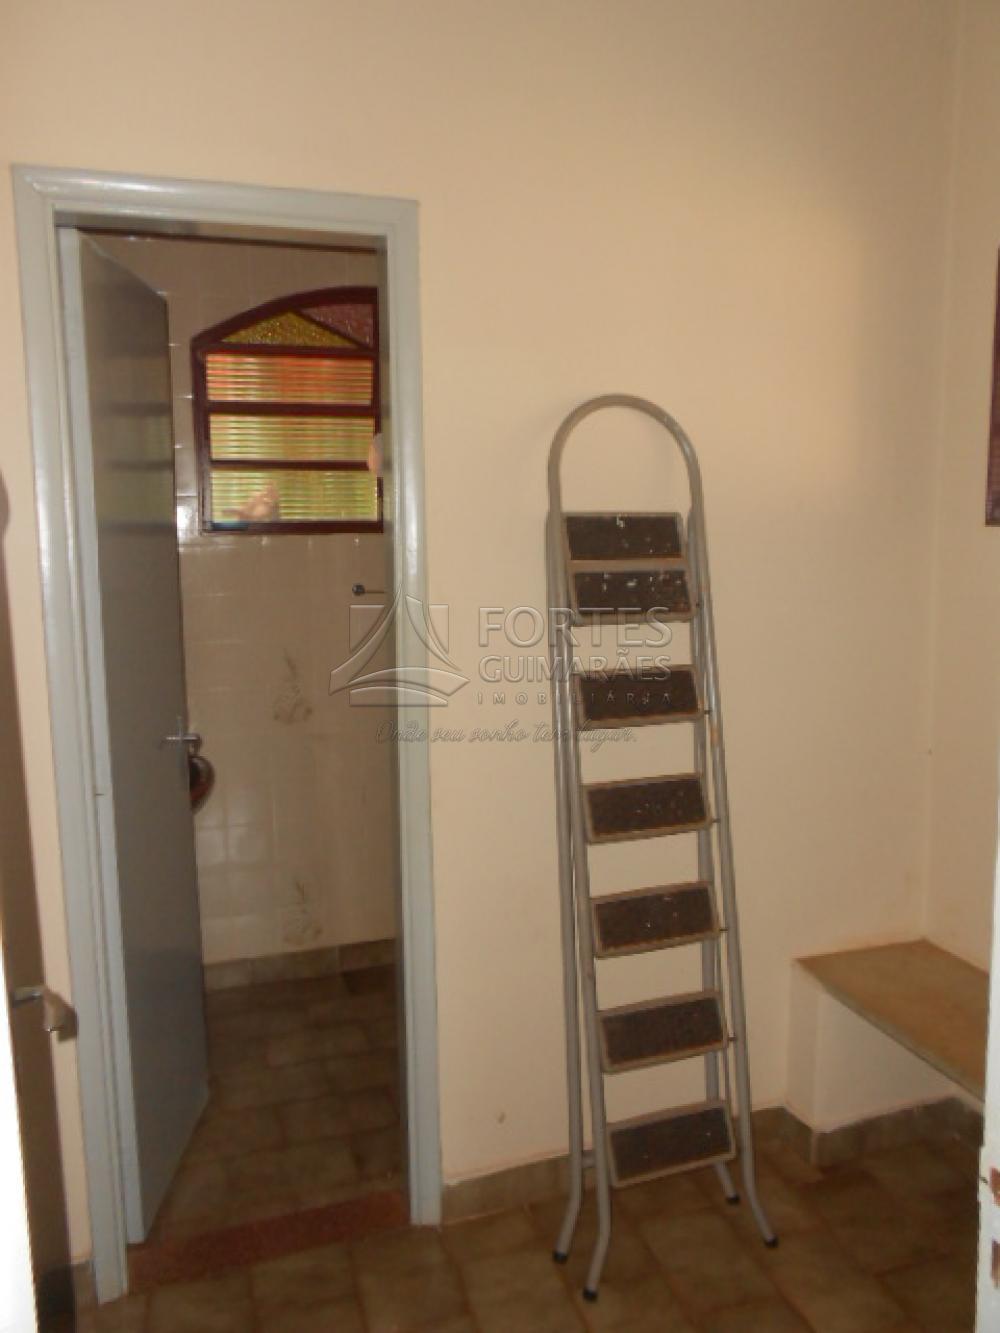 Alugar Casas / Condomínio em Jardinópolis apenas R$ 2.500,00 - Foto 30